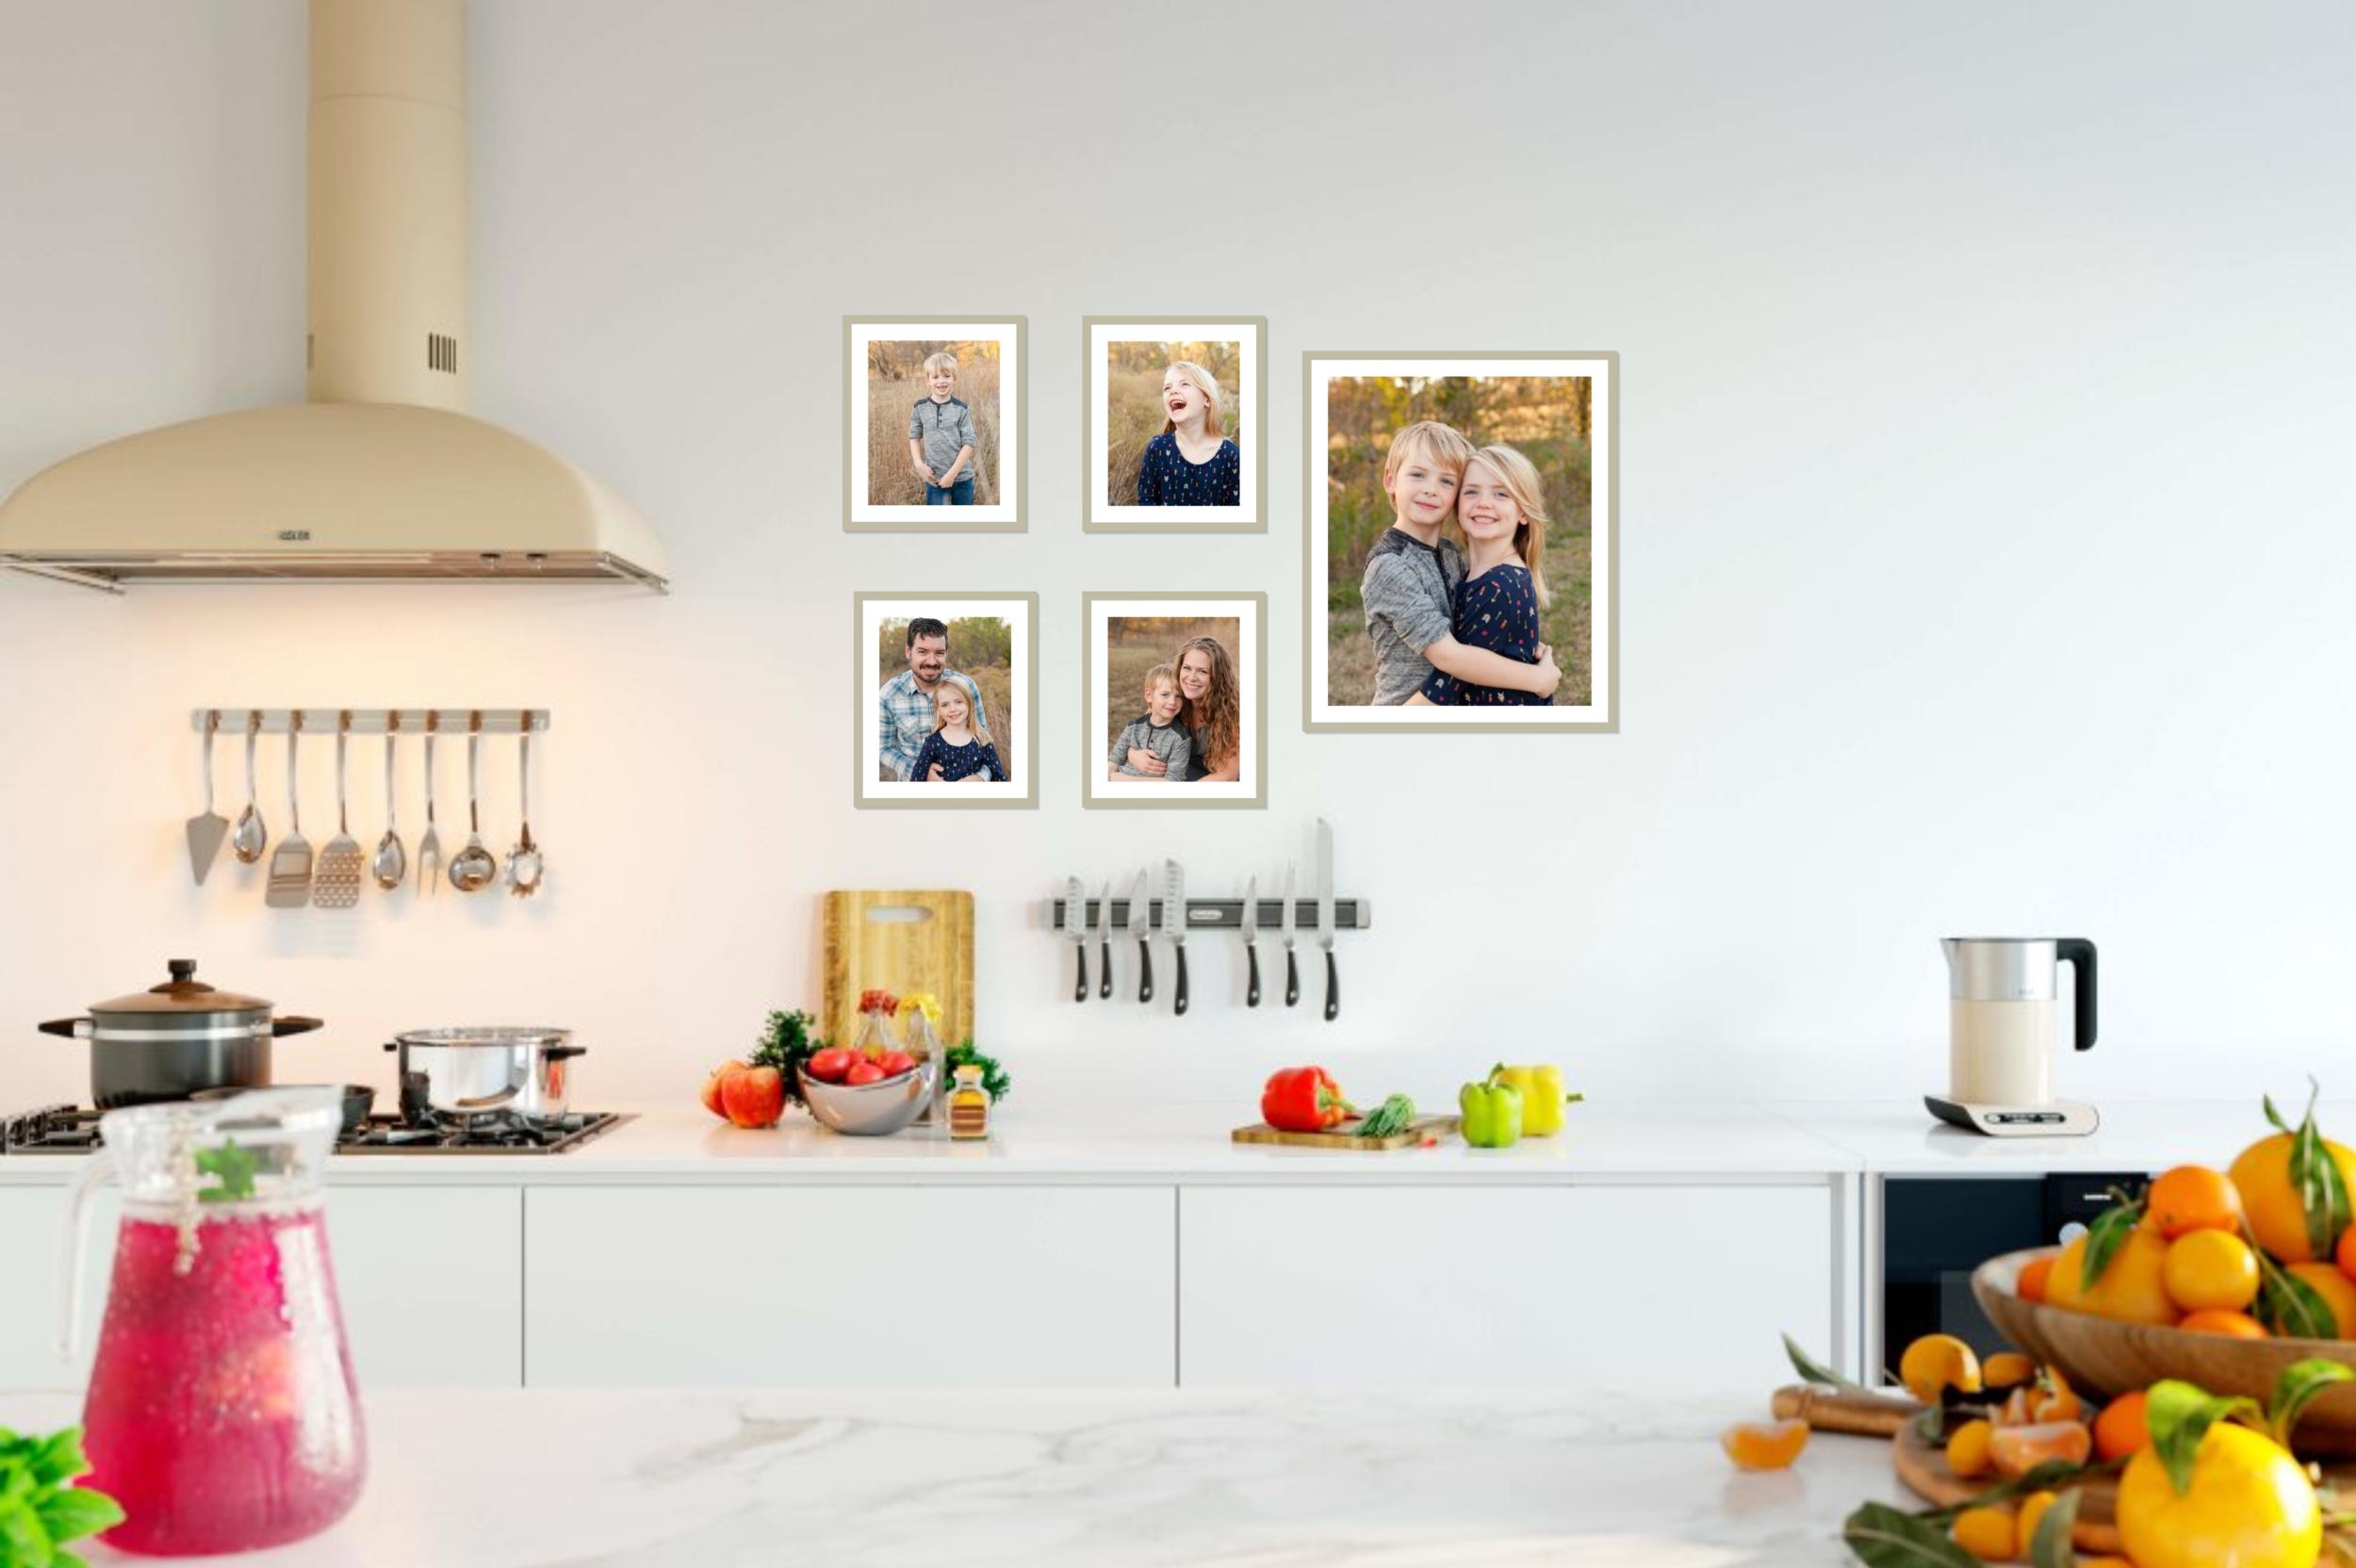 Kitchen Photo Gallery